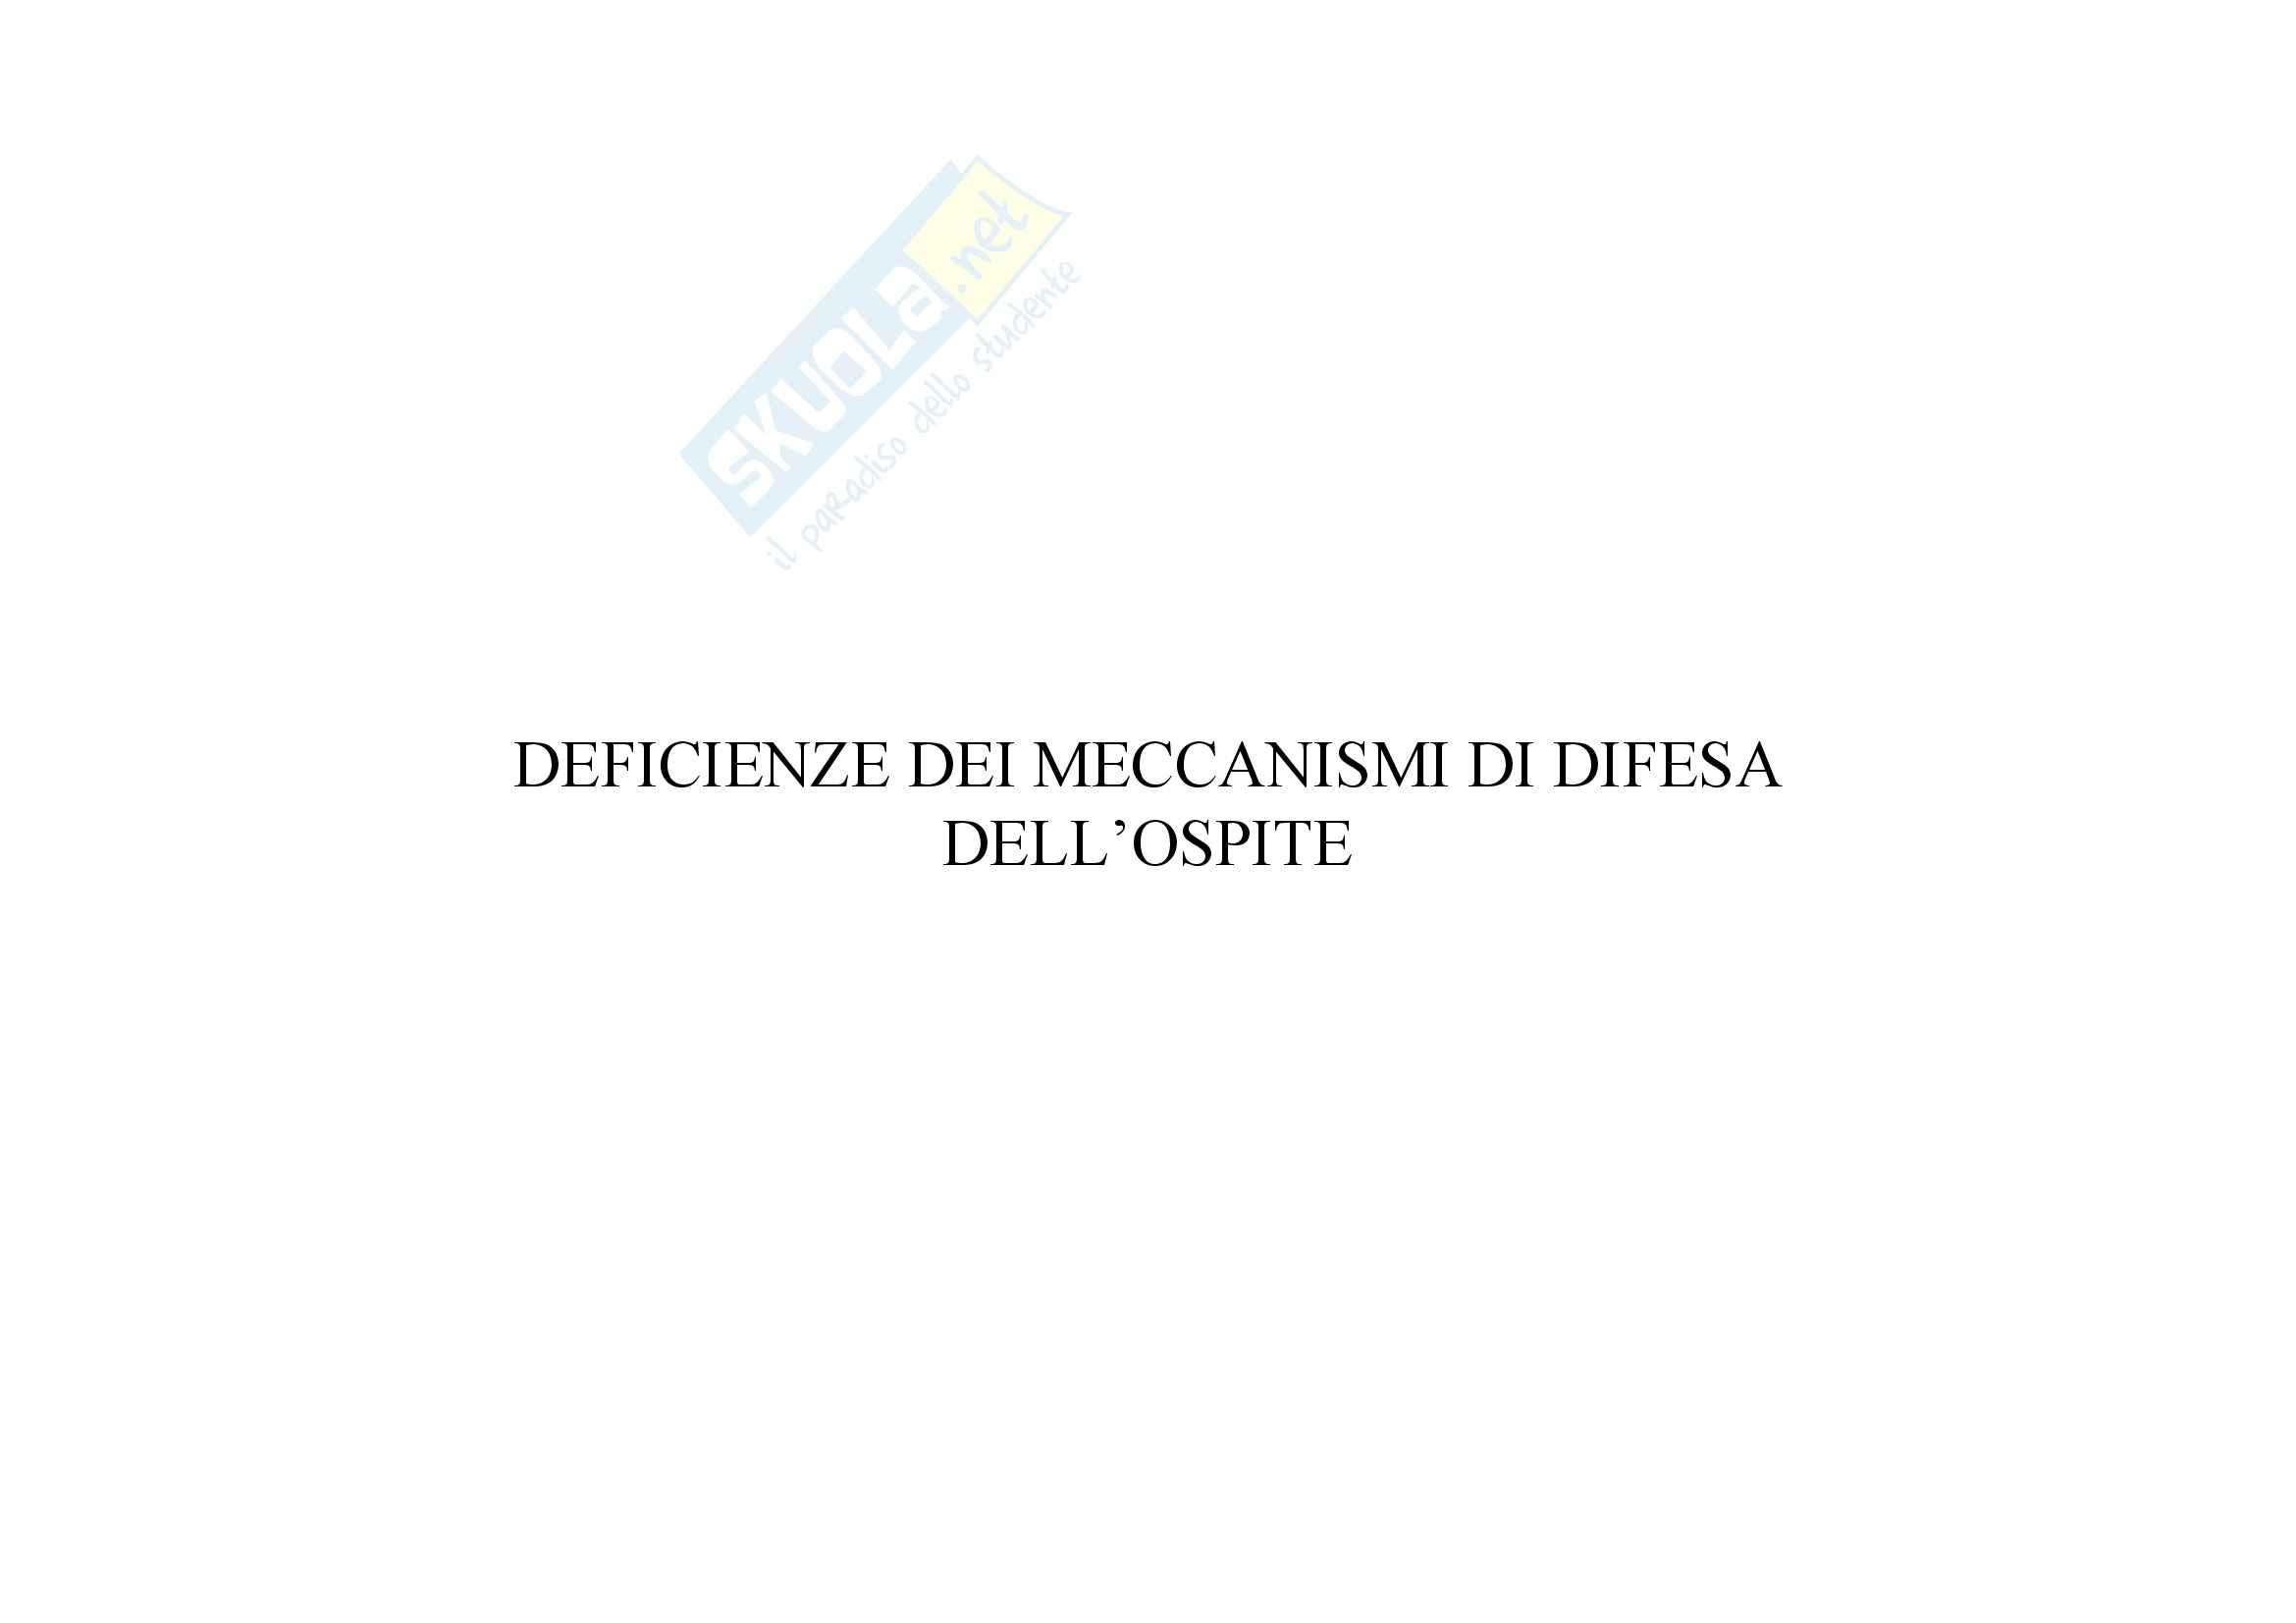 Immunologia - deficit delle difese dell'ospite